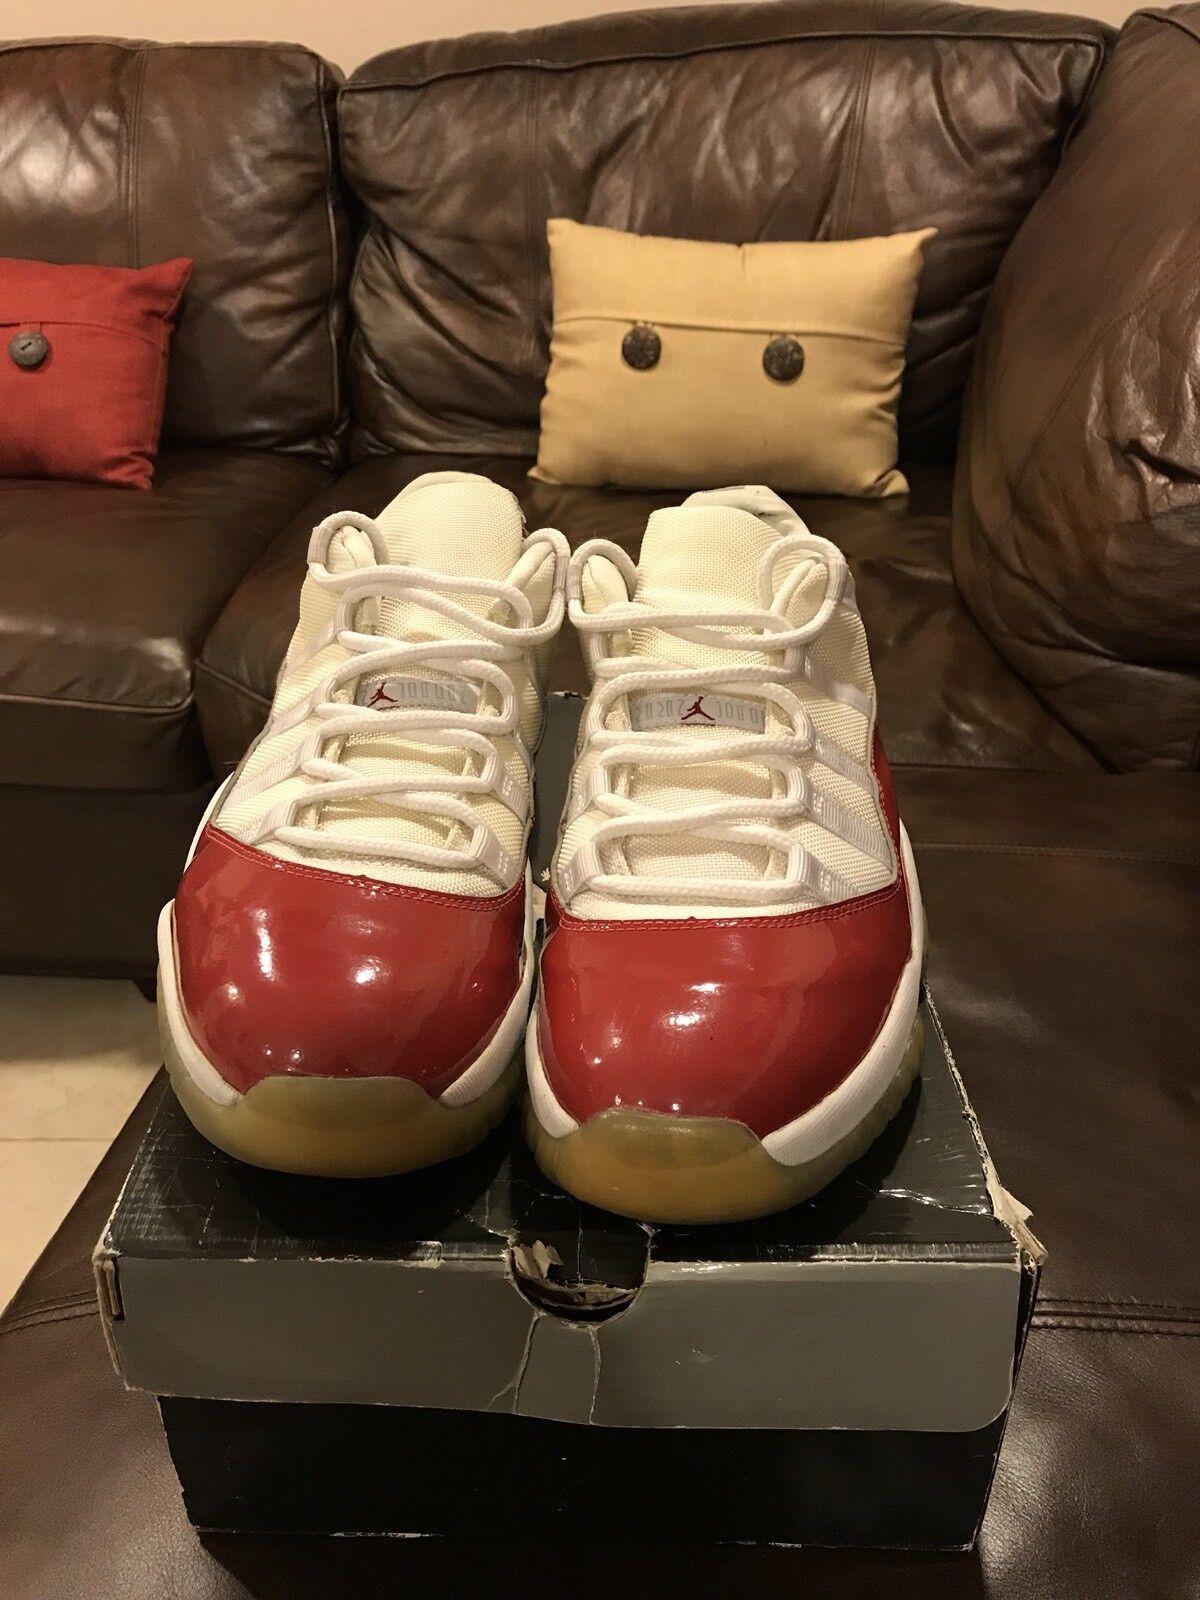 Jordan XI Low Cherry sz 12 I III IV V VI VIII XII XIII Yeezy